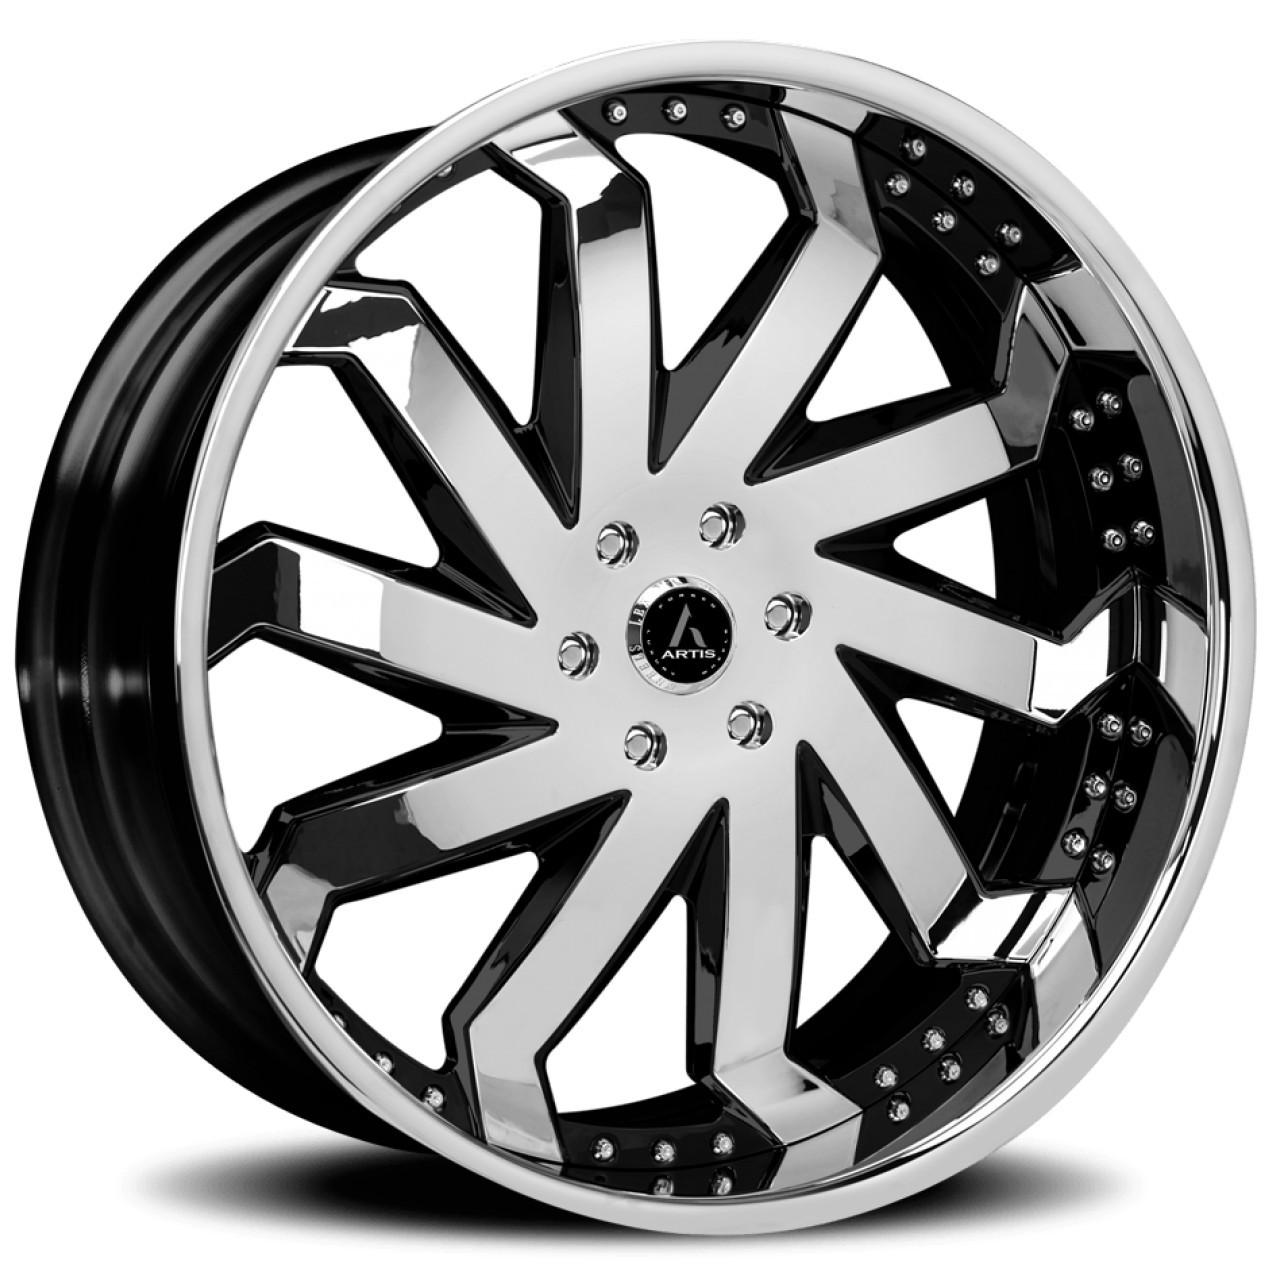 Artis Rain forged wheels